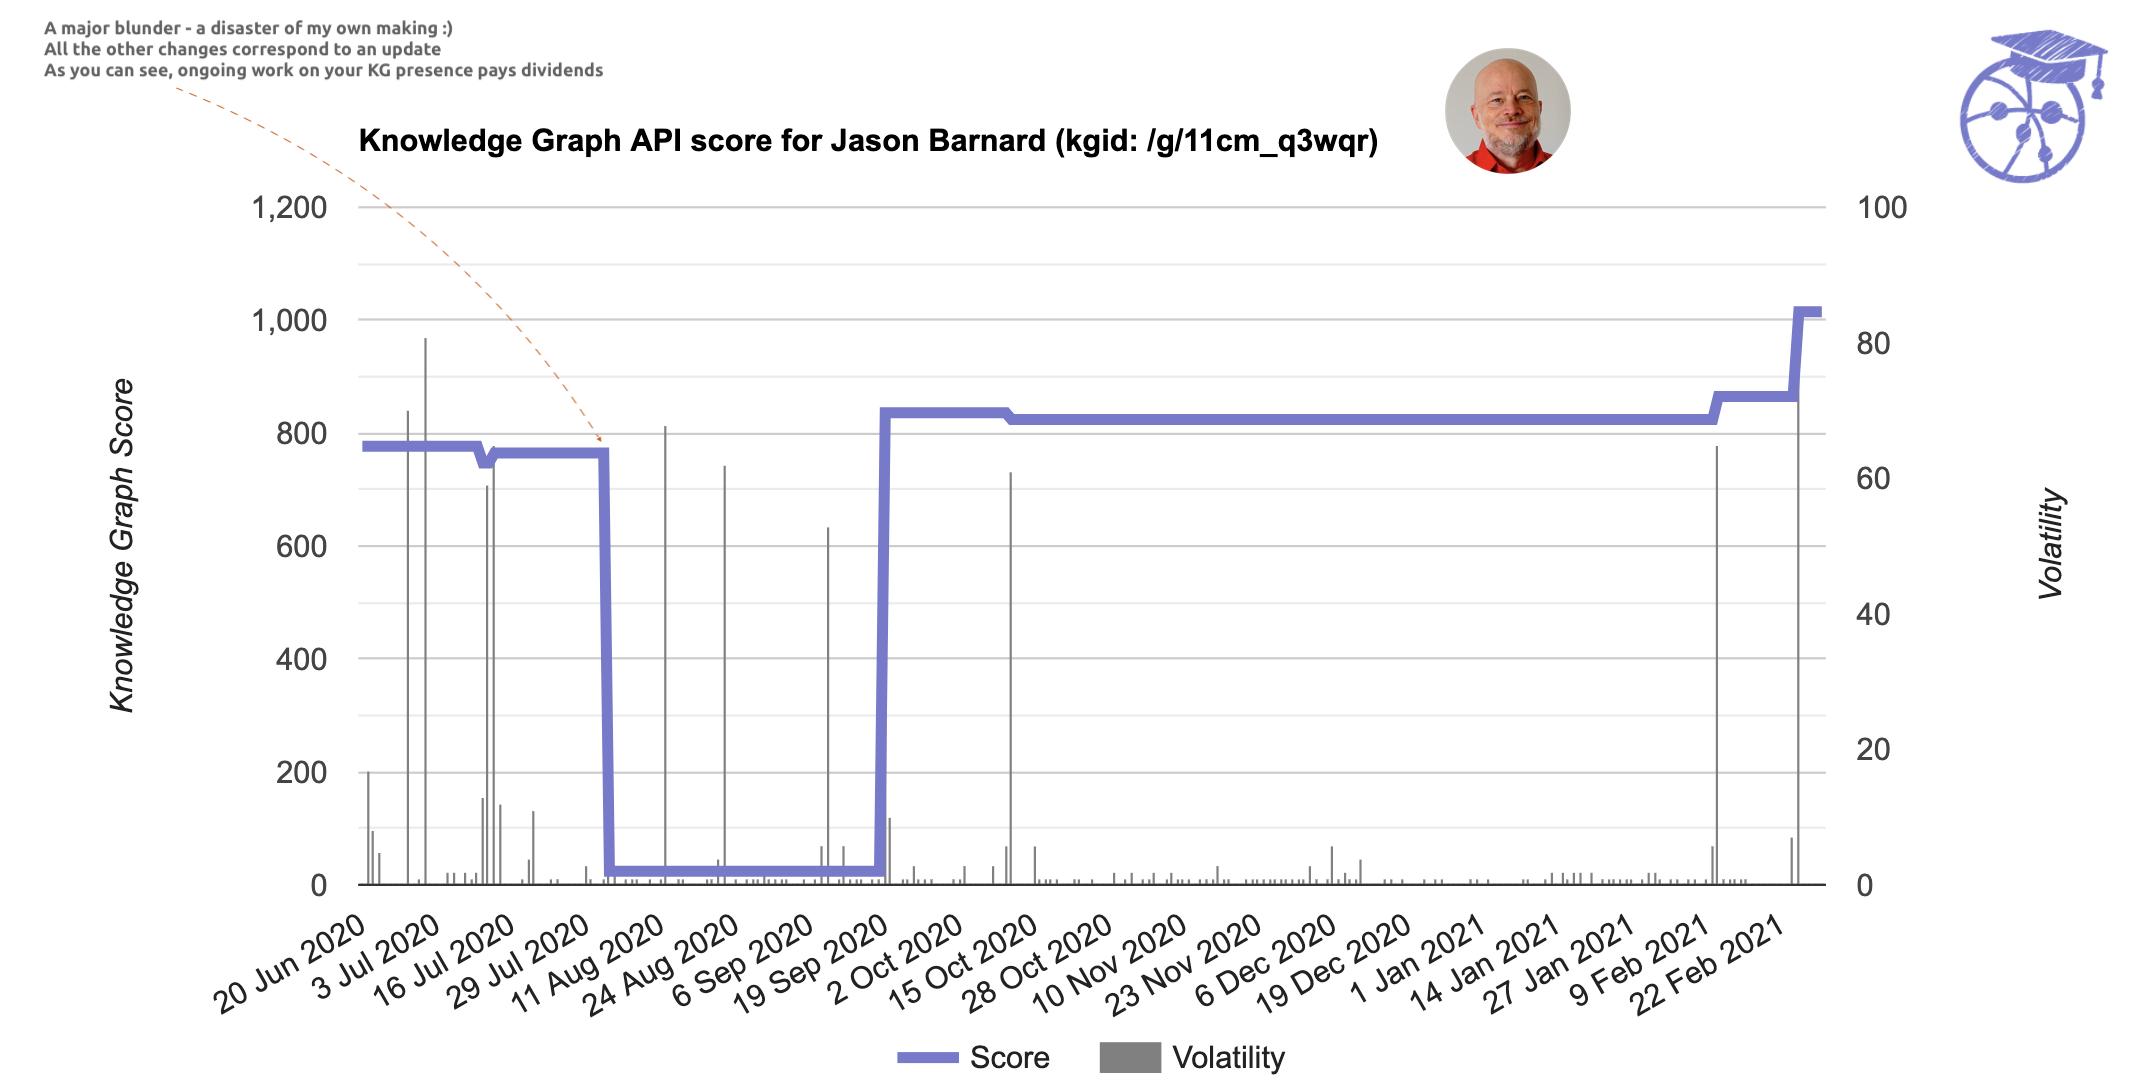 Knowledge Graph API score